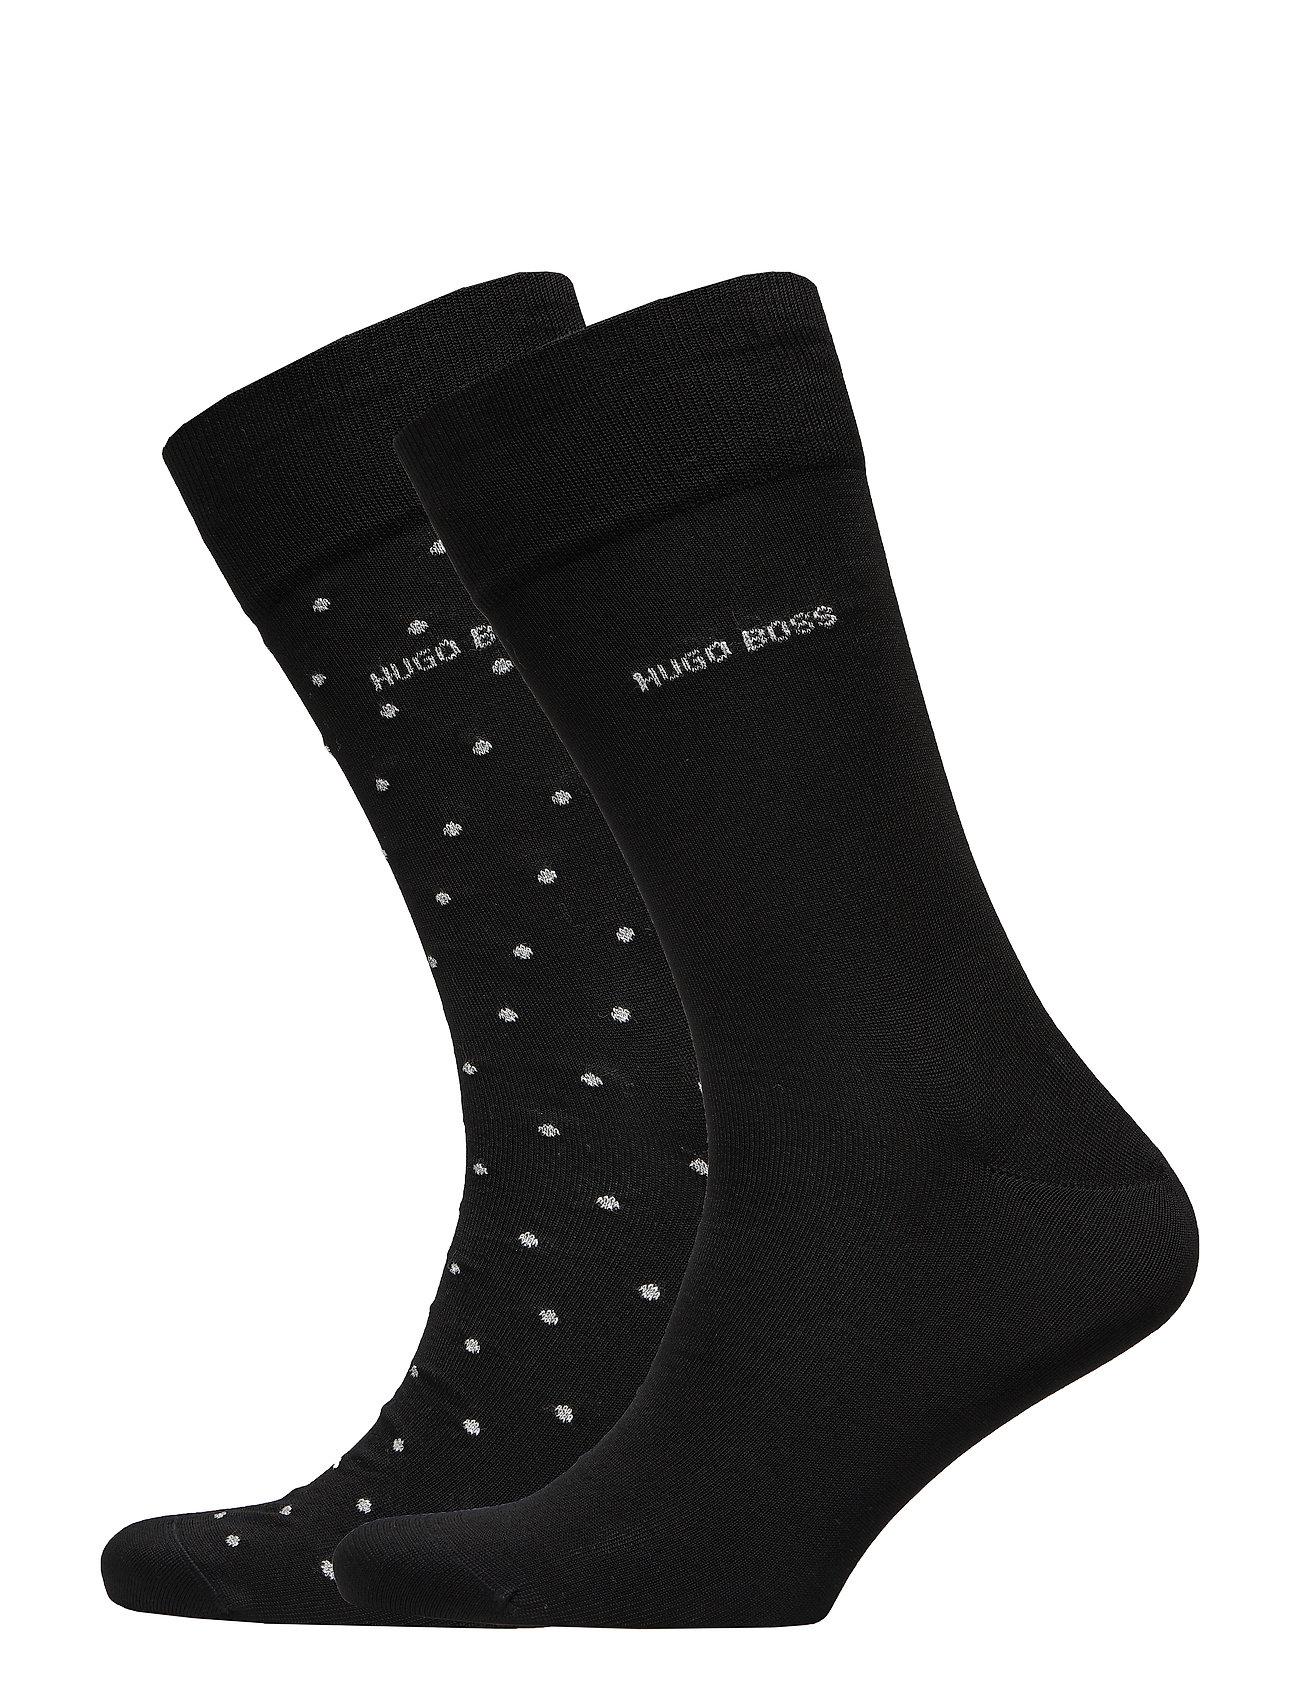 Image of 2p Rs Gift Set Mc Underwear Socks Regular Socks Sort BOSS (3468421467)